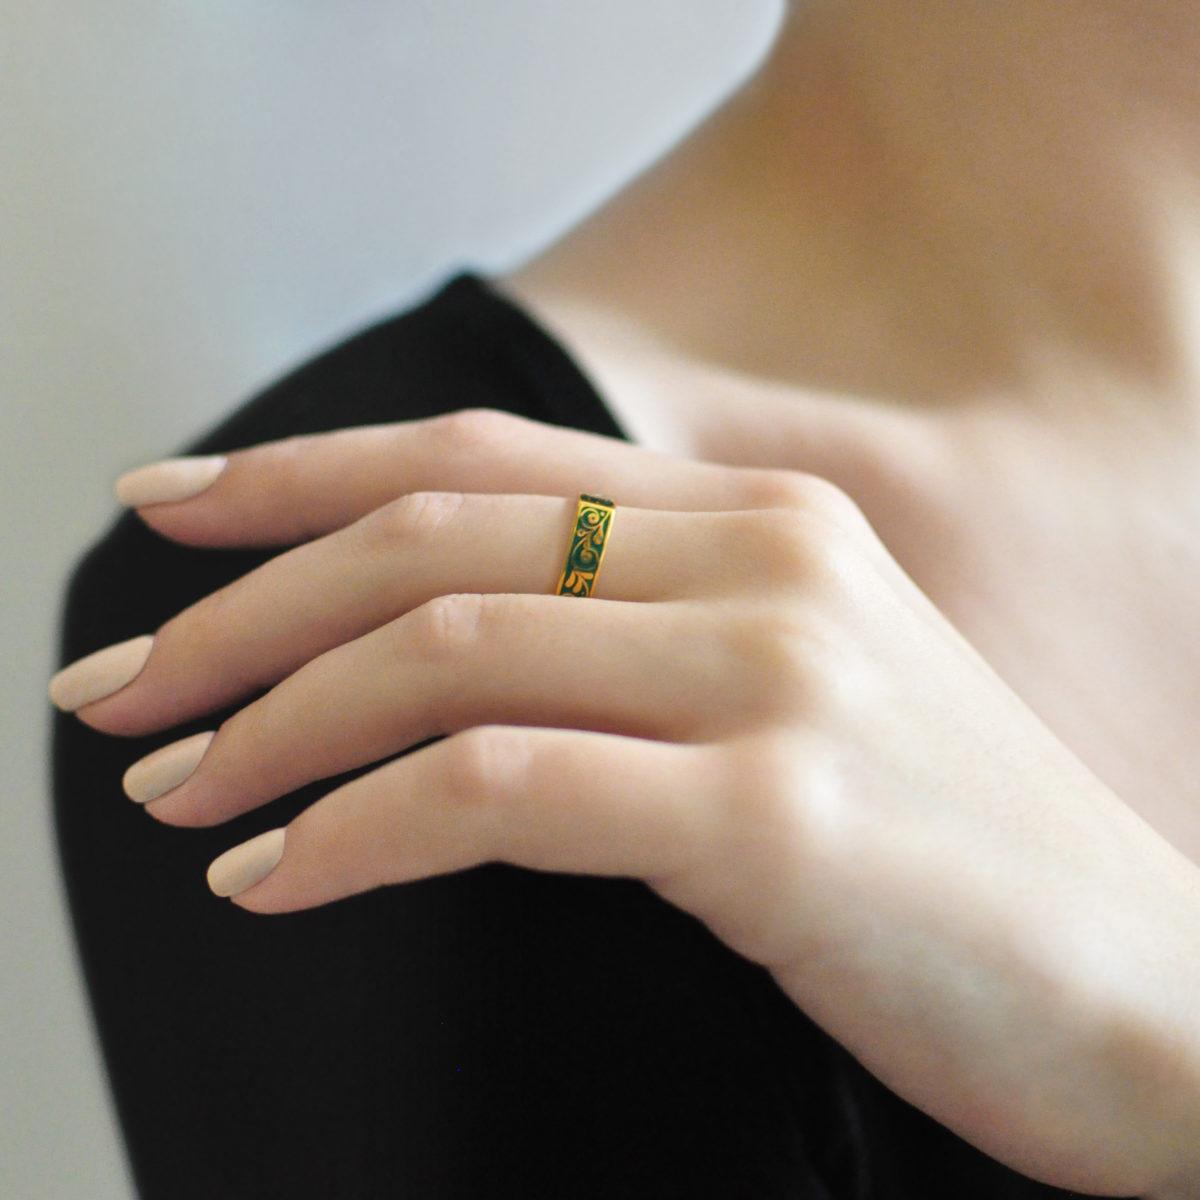 Zolochenie zelenaya 6 1200x1200 - Кольцо треугольное «Спас на крови» (золочение), зеленое